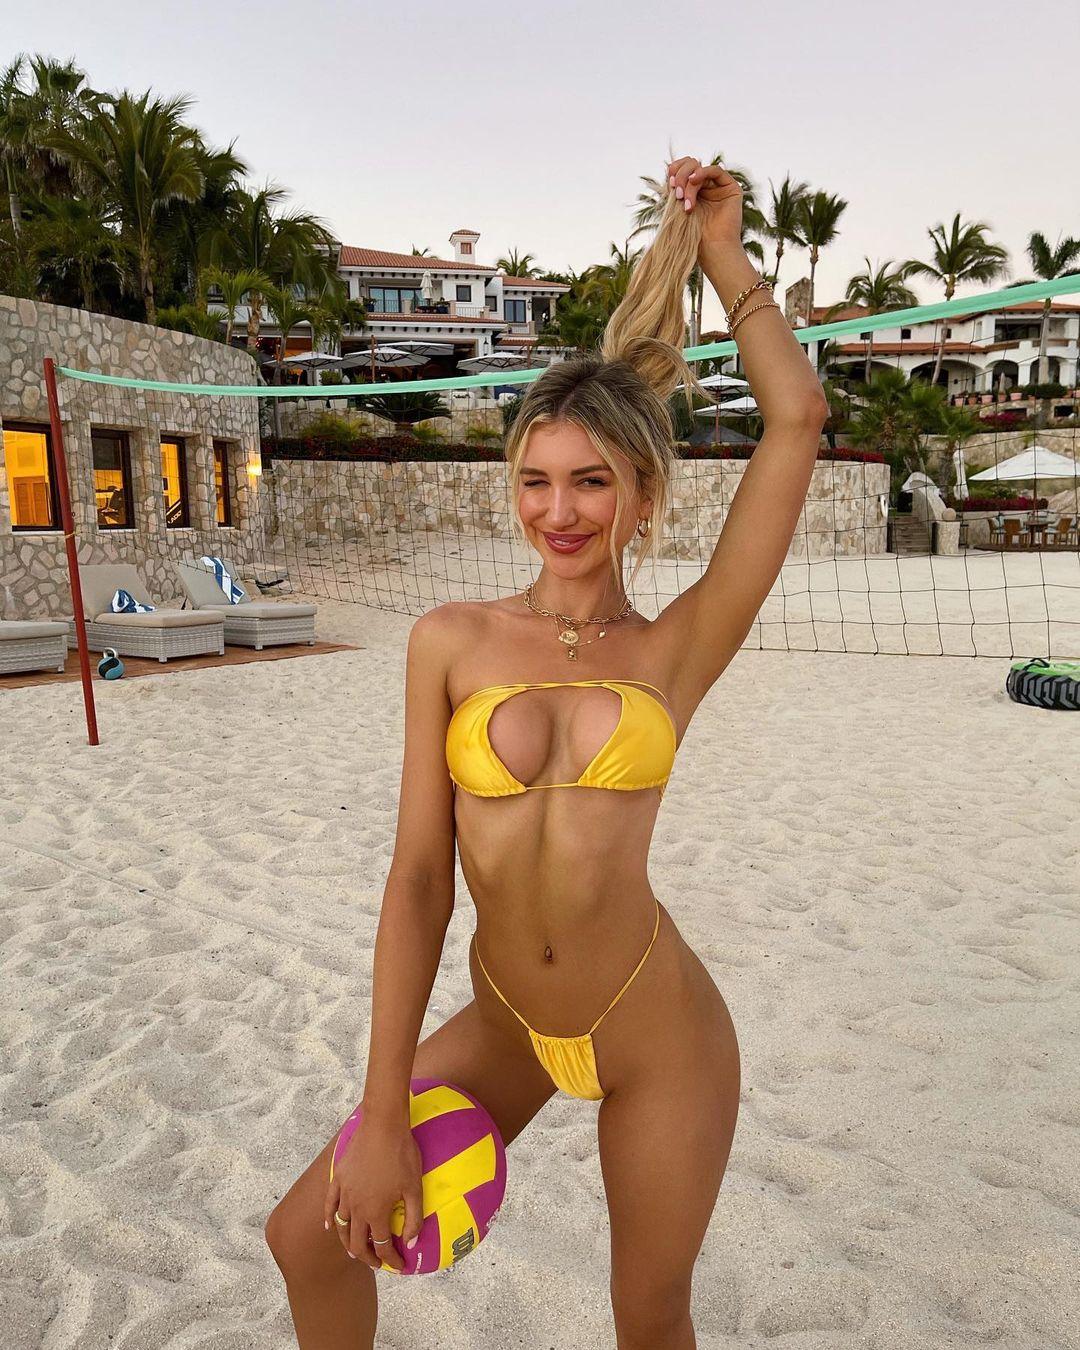 ガブリエラ・エプスタイン「エッチすぎるビーチバレー」インスタグラムも思わず削除?【画像4枚】の画像002